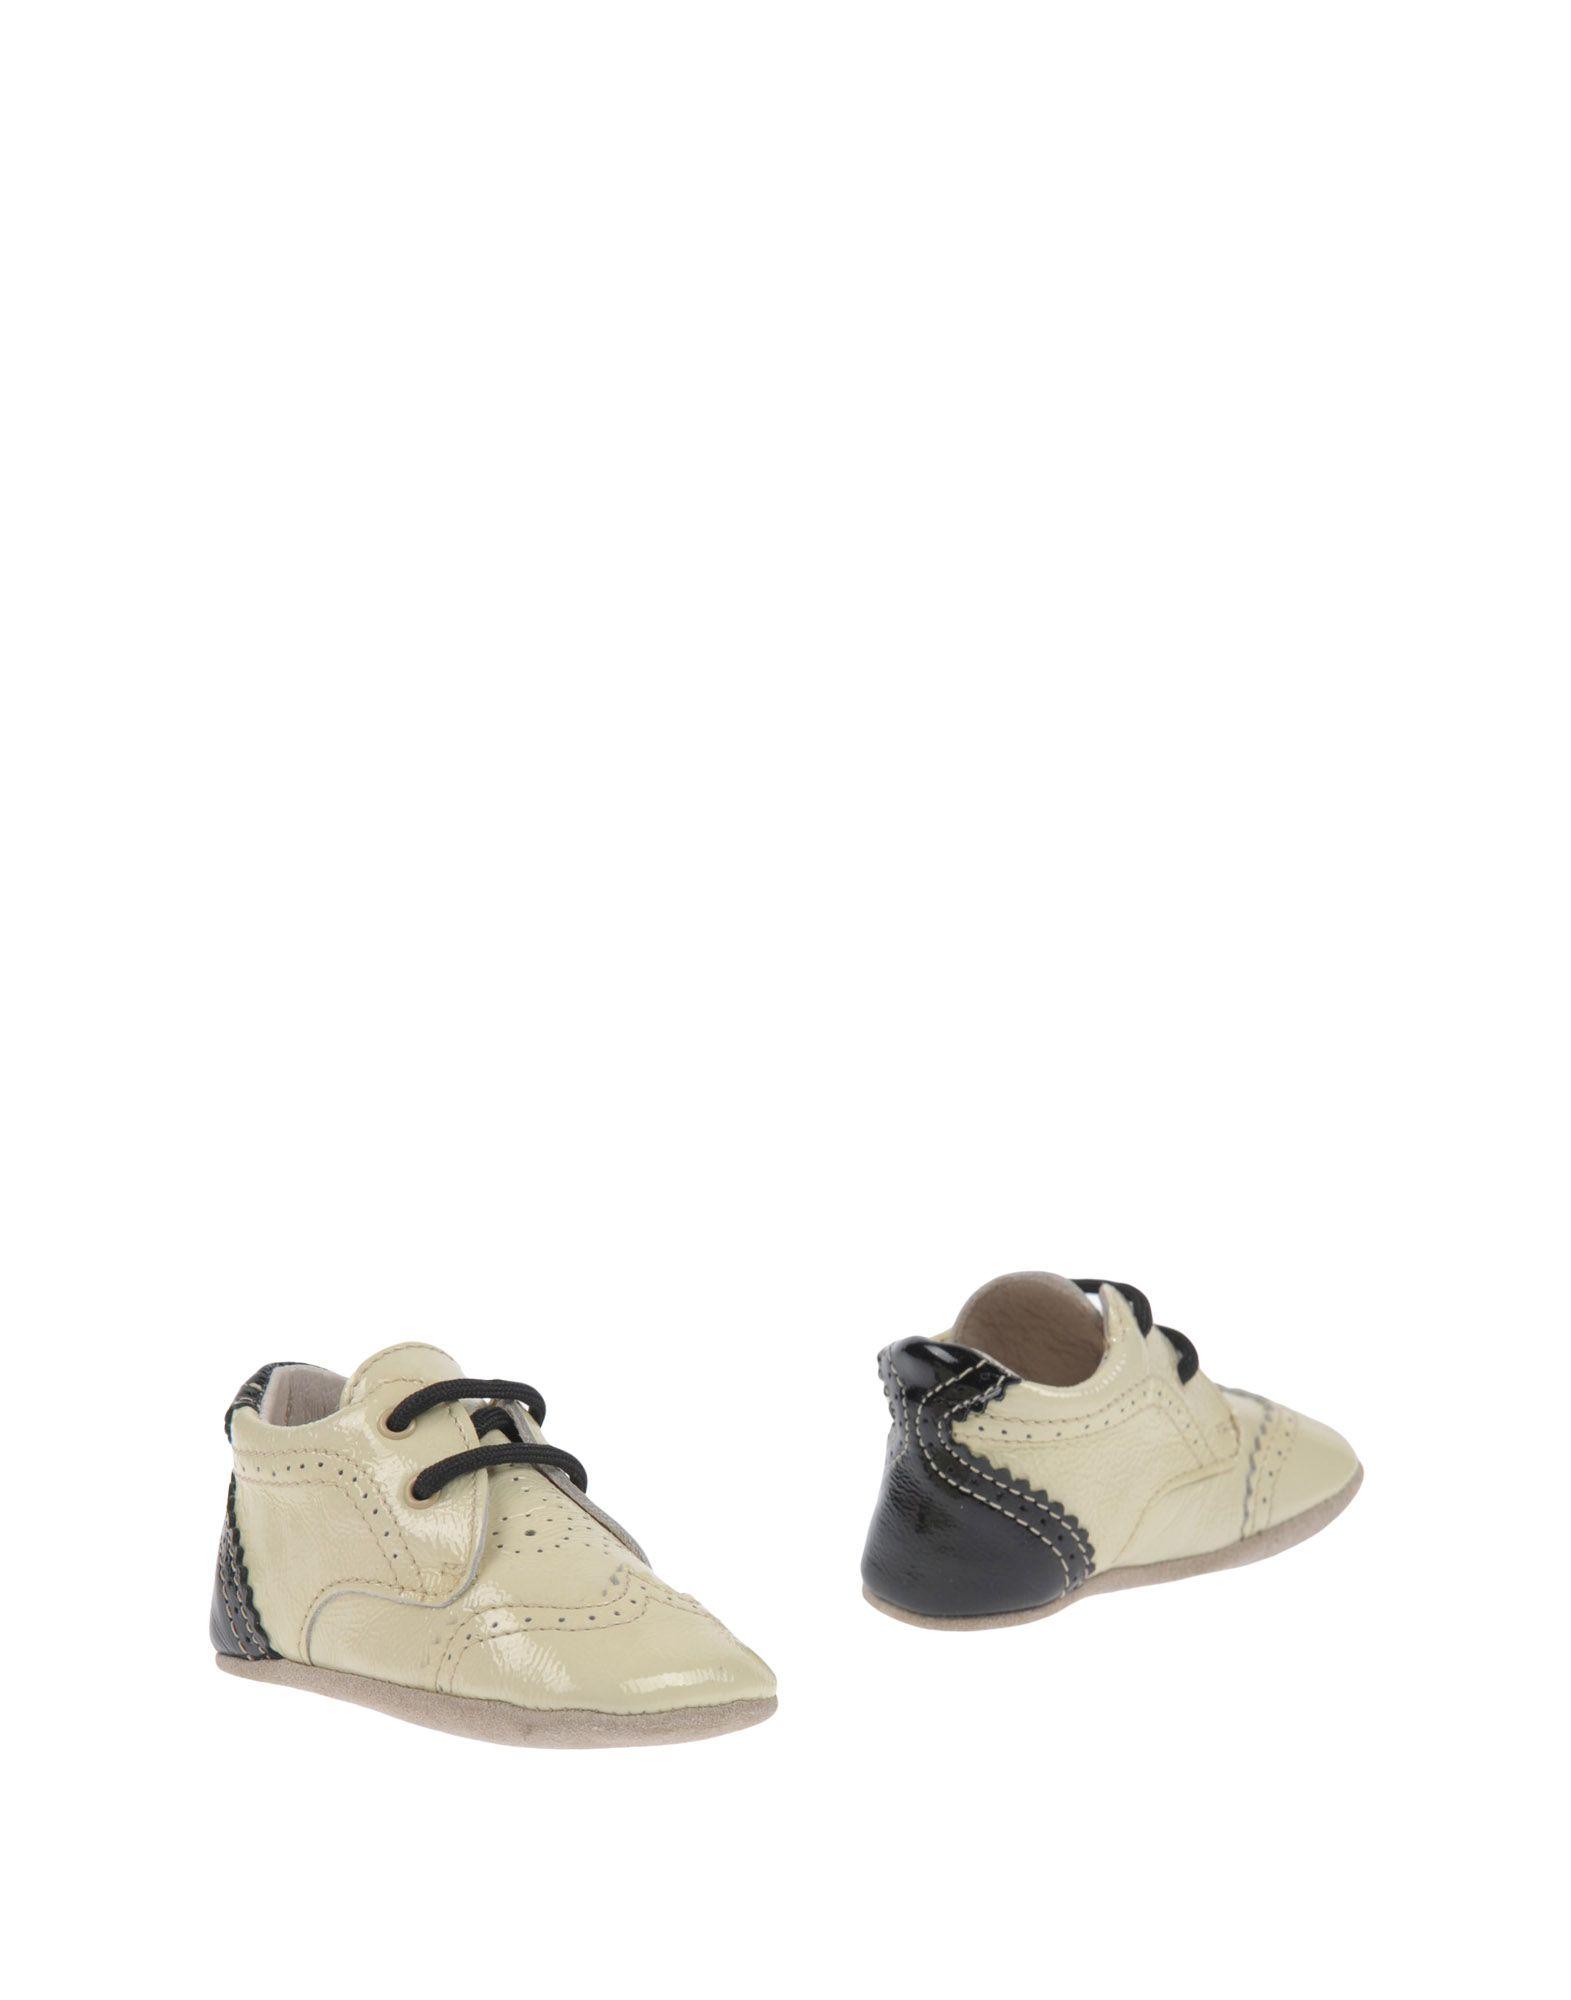 ROBERTO CAVALLI DEVILS Обувь для новорожденных